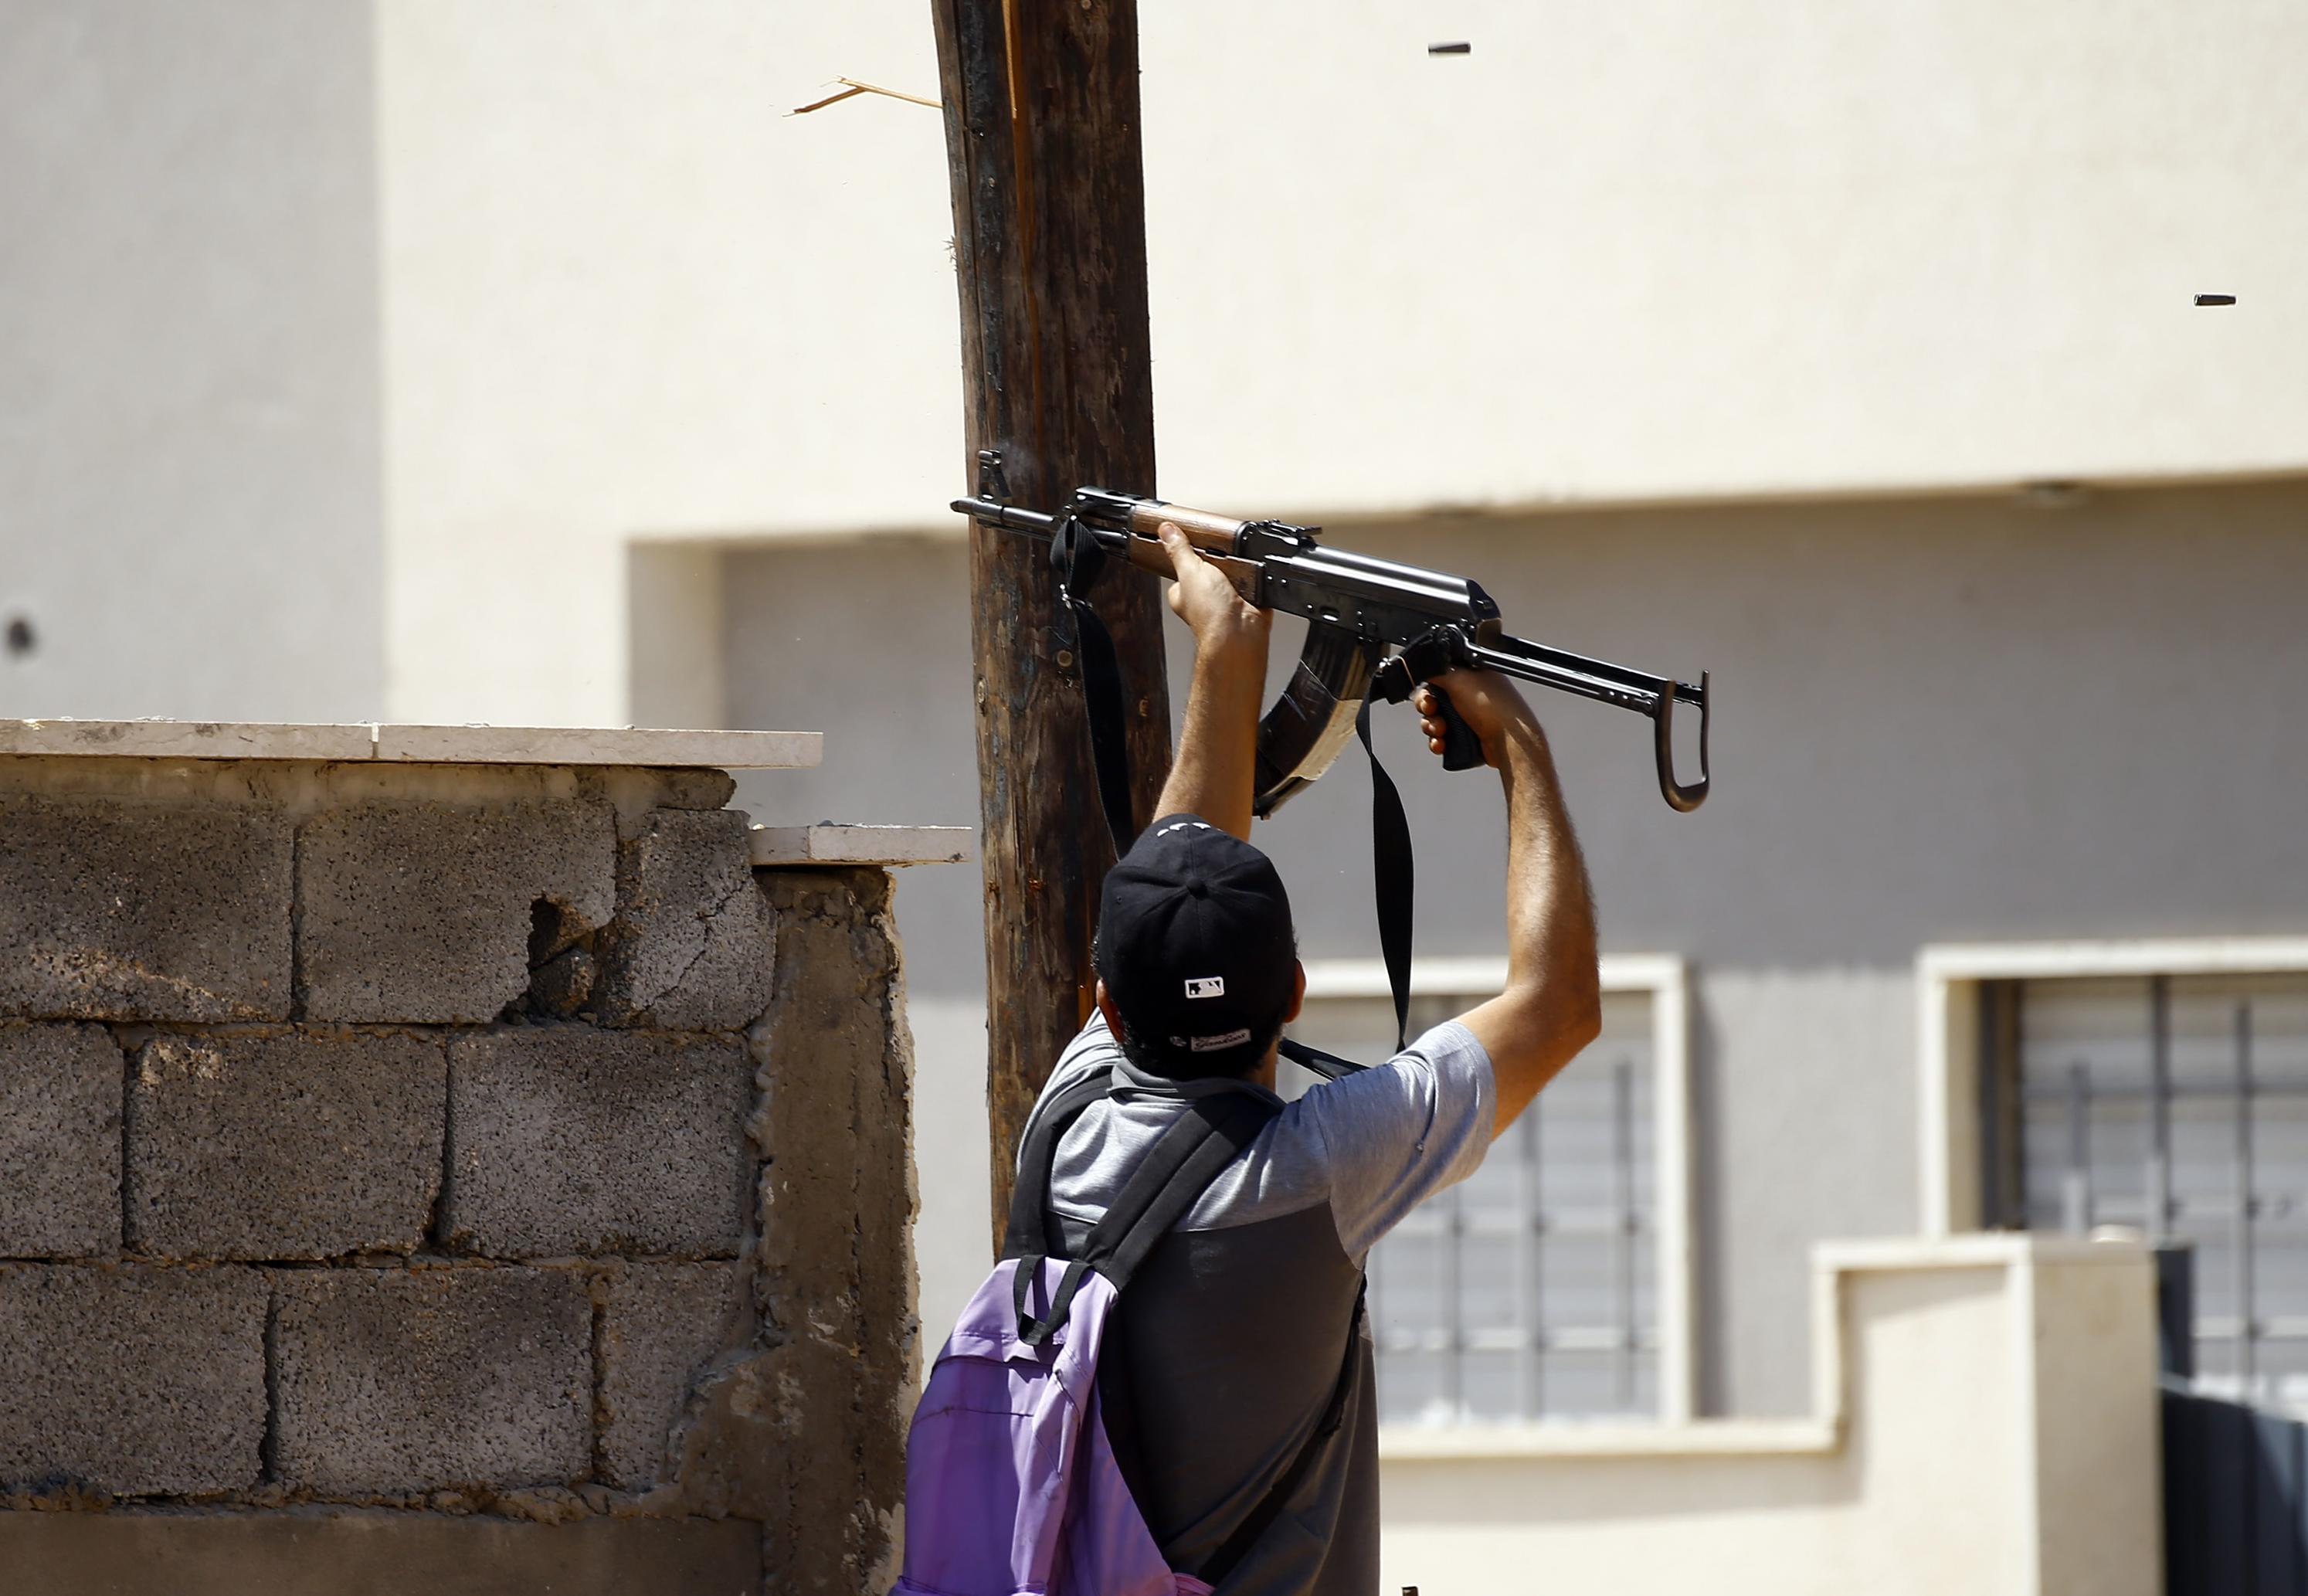 أحد مقاتلي القوات التابعة لحكومة الوفاق خلال اشتباكات سابقة جنوب طرابلس - أرشيف